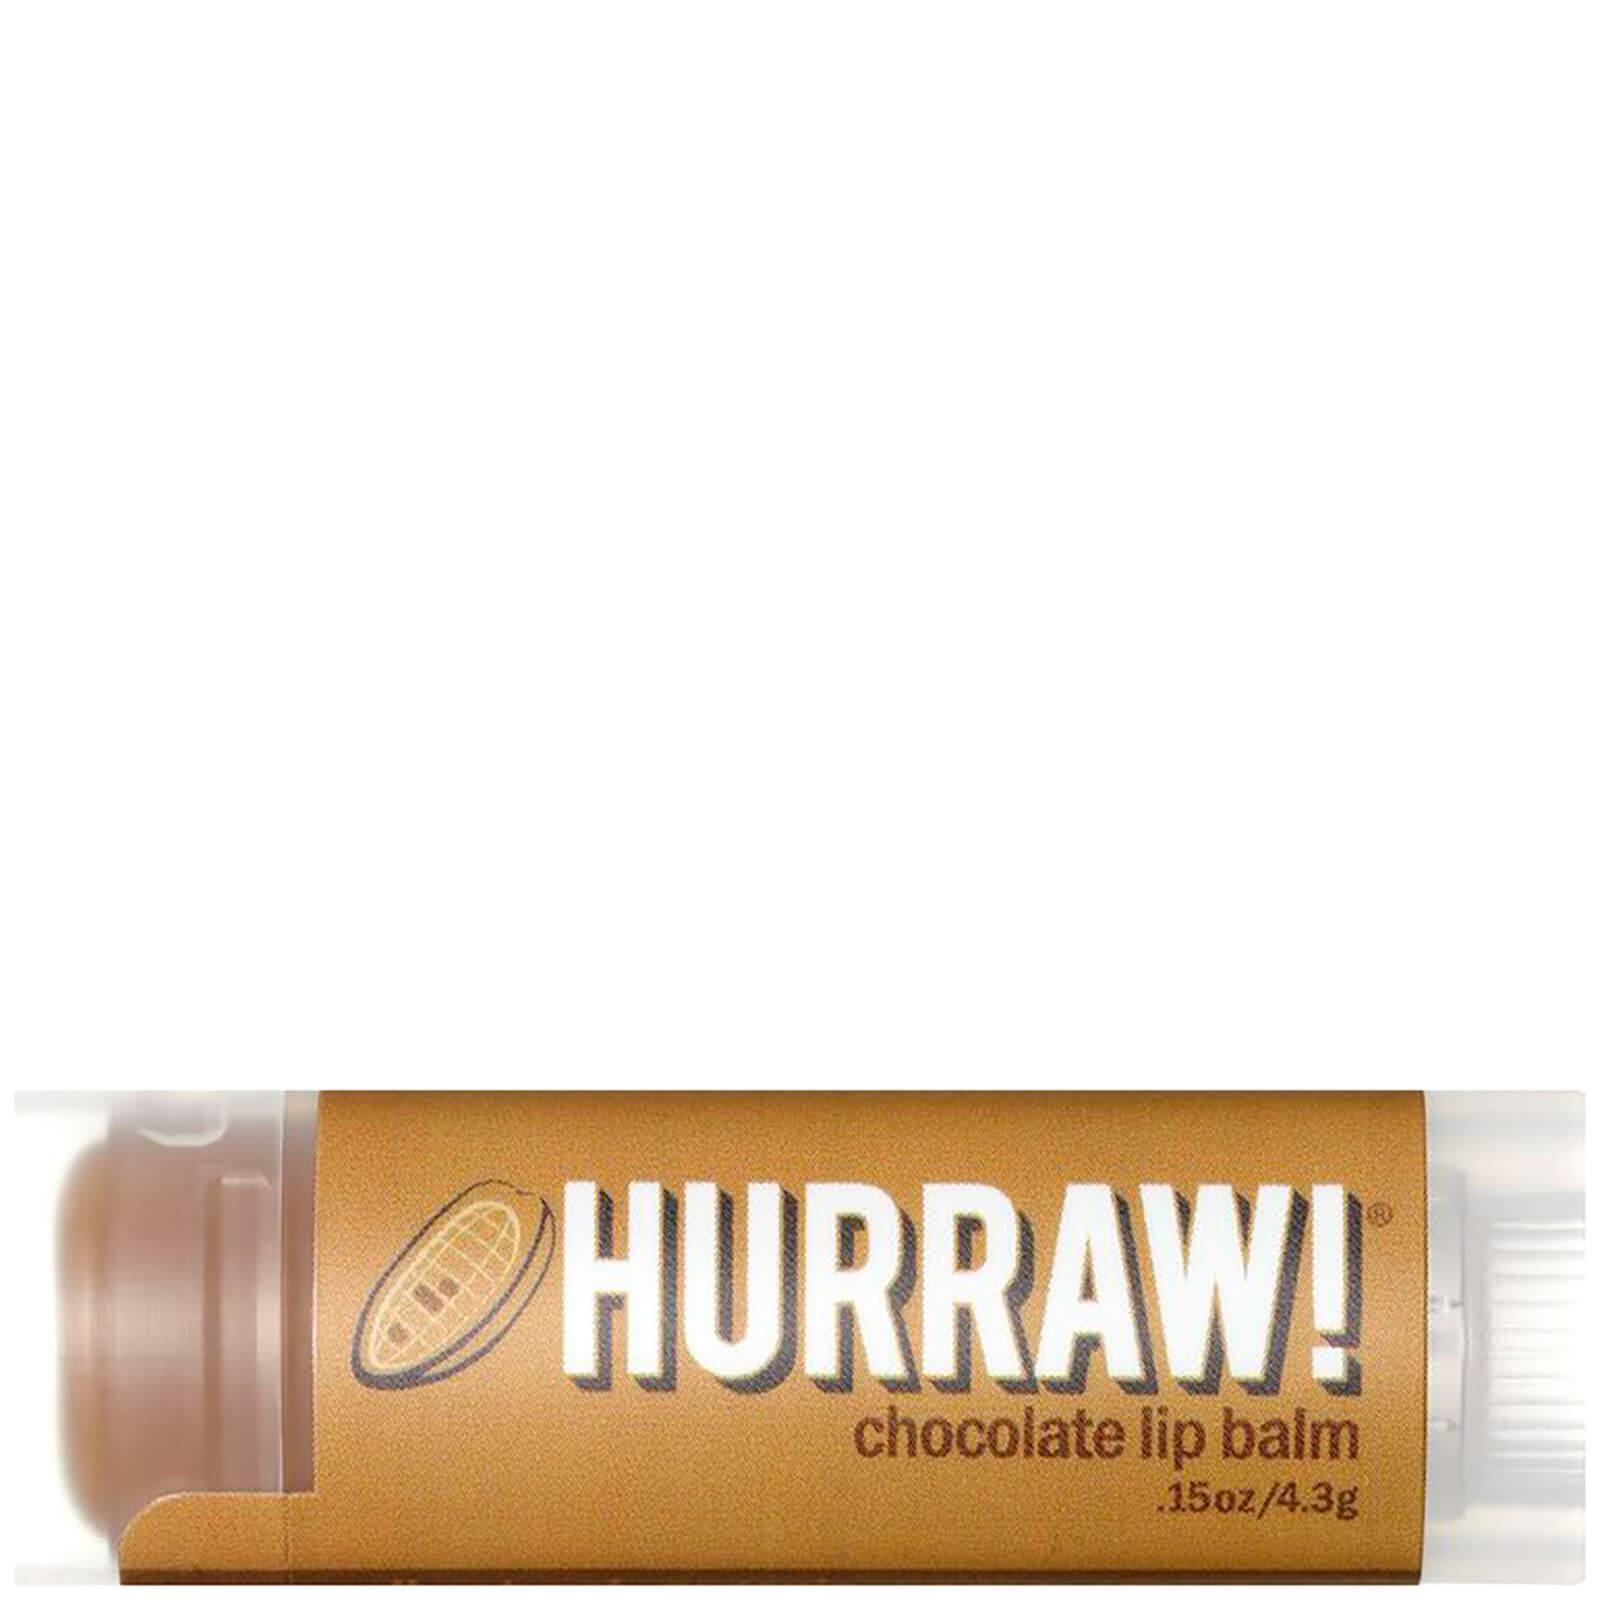 Бальзам для губ с ароматом шоколада Hurraw! Chocolate Lip Balm  - Купить